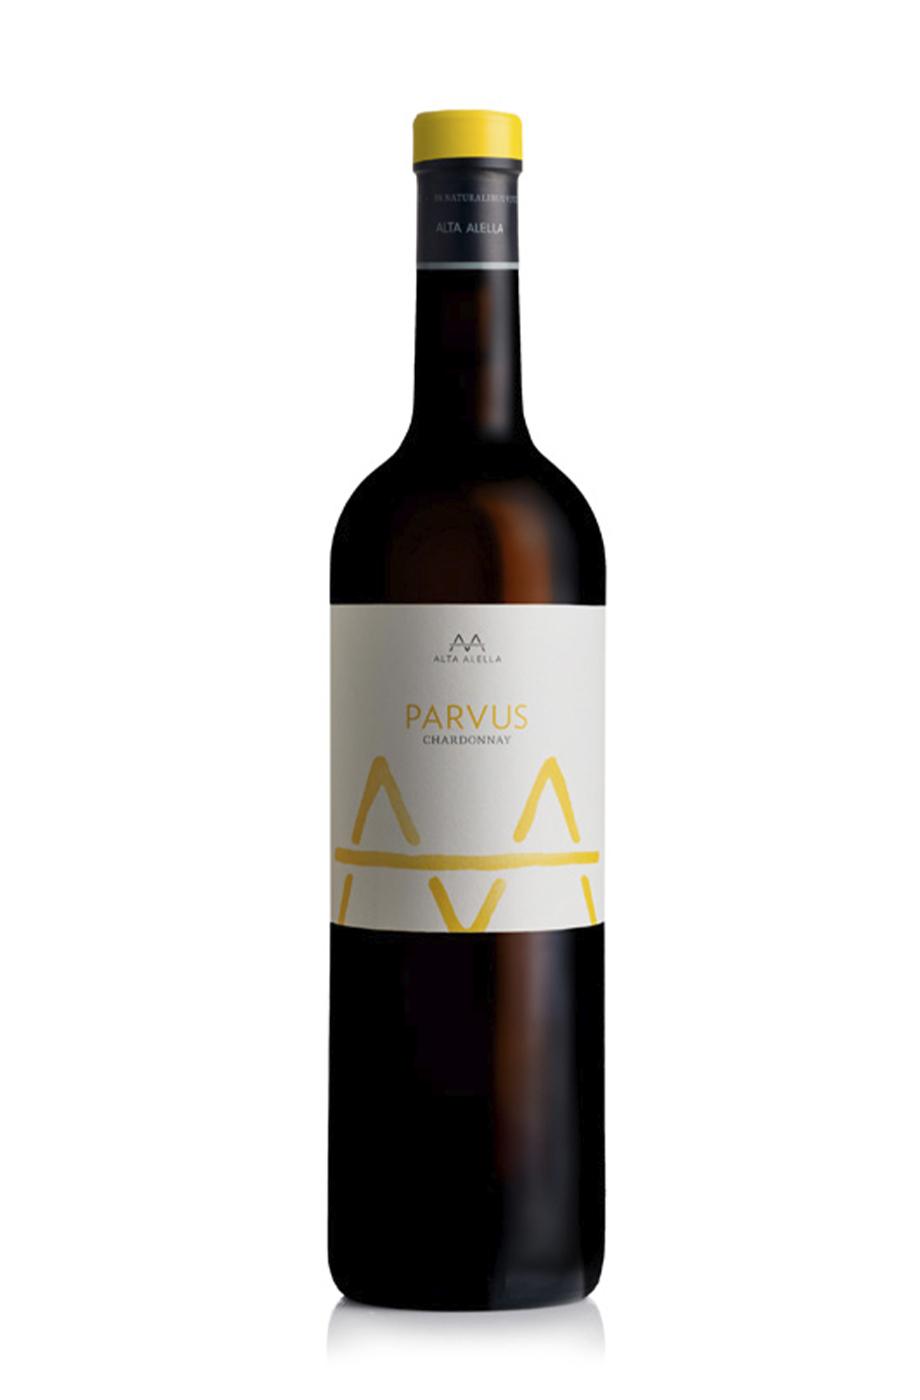 AA Parvus Chardonnay | Alta Alella  - Winexfood